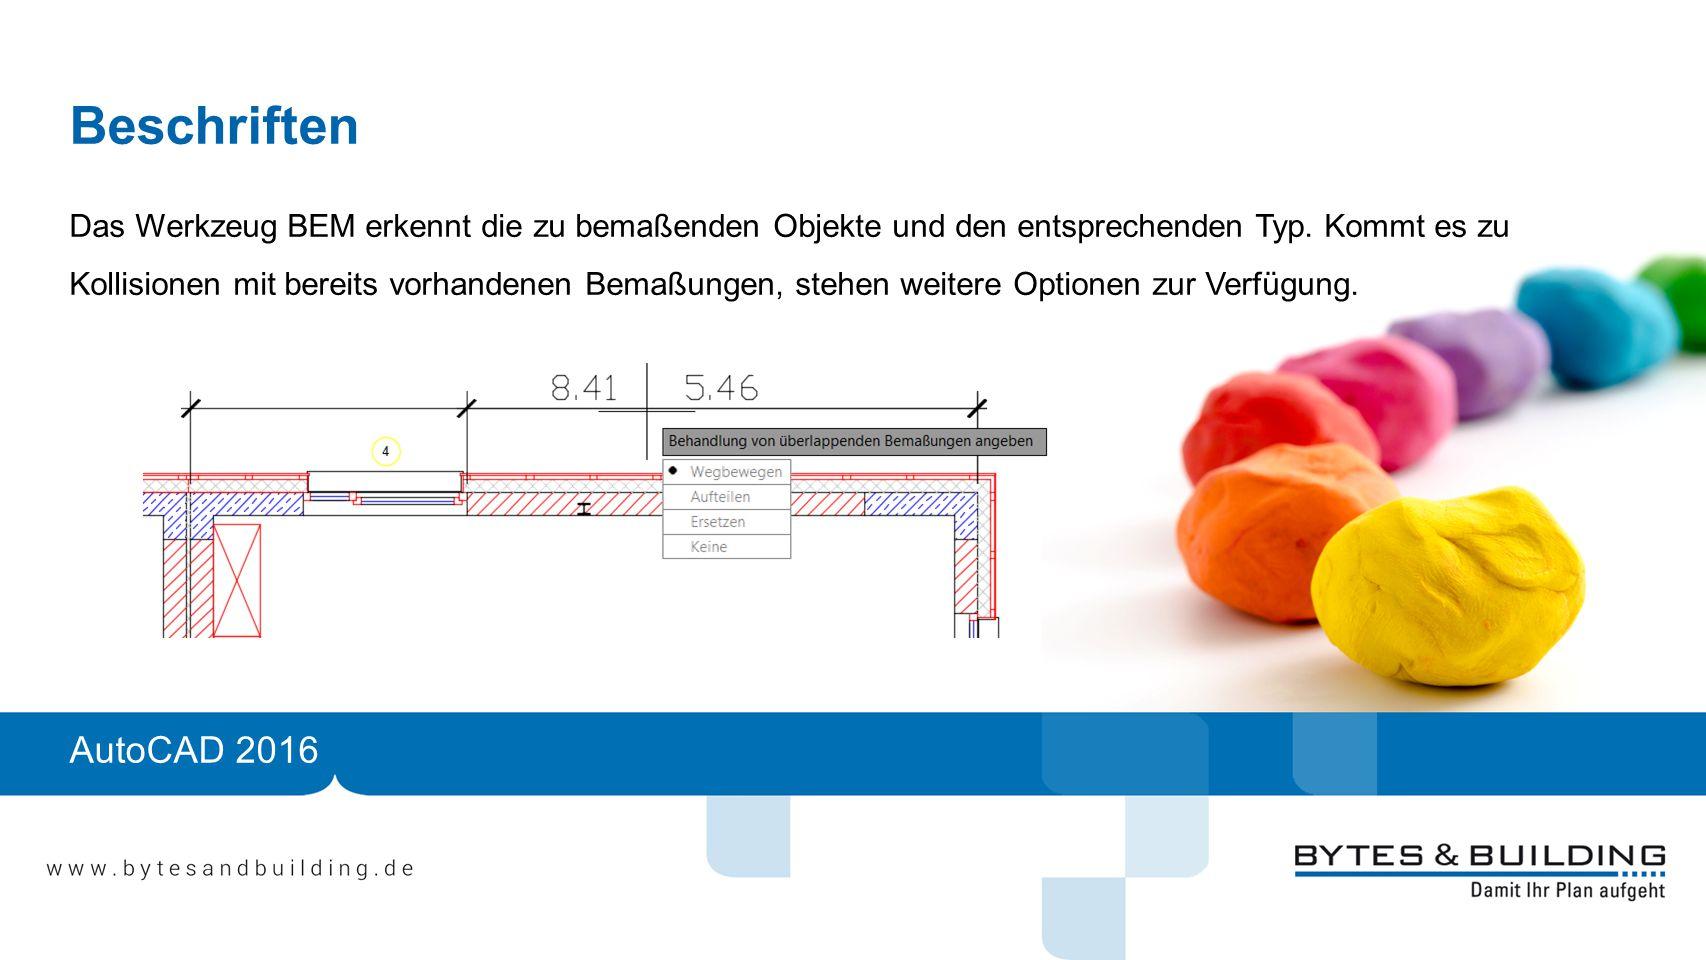 Beschriften Das Werkzeug BEM erkennt die zu bemaßenden Objekte und den entsprechenden Typ.